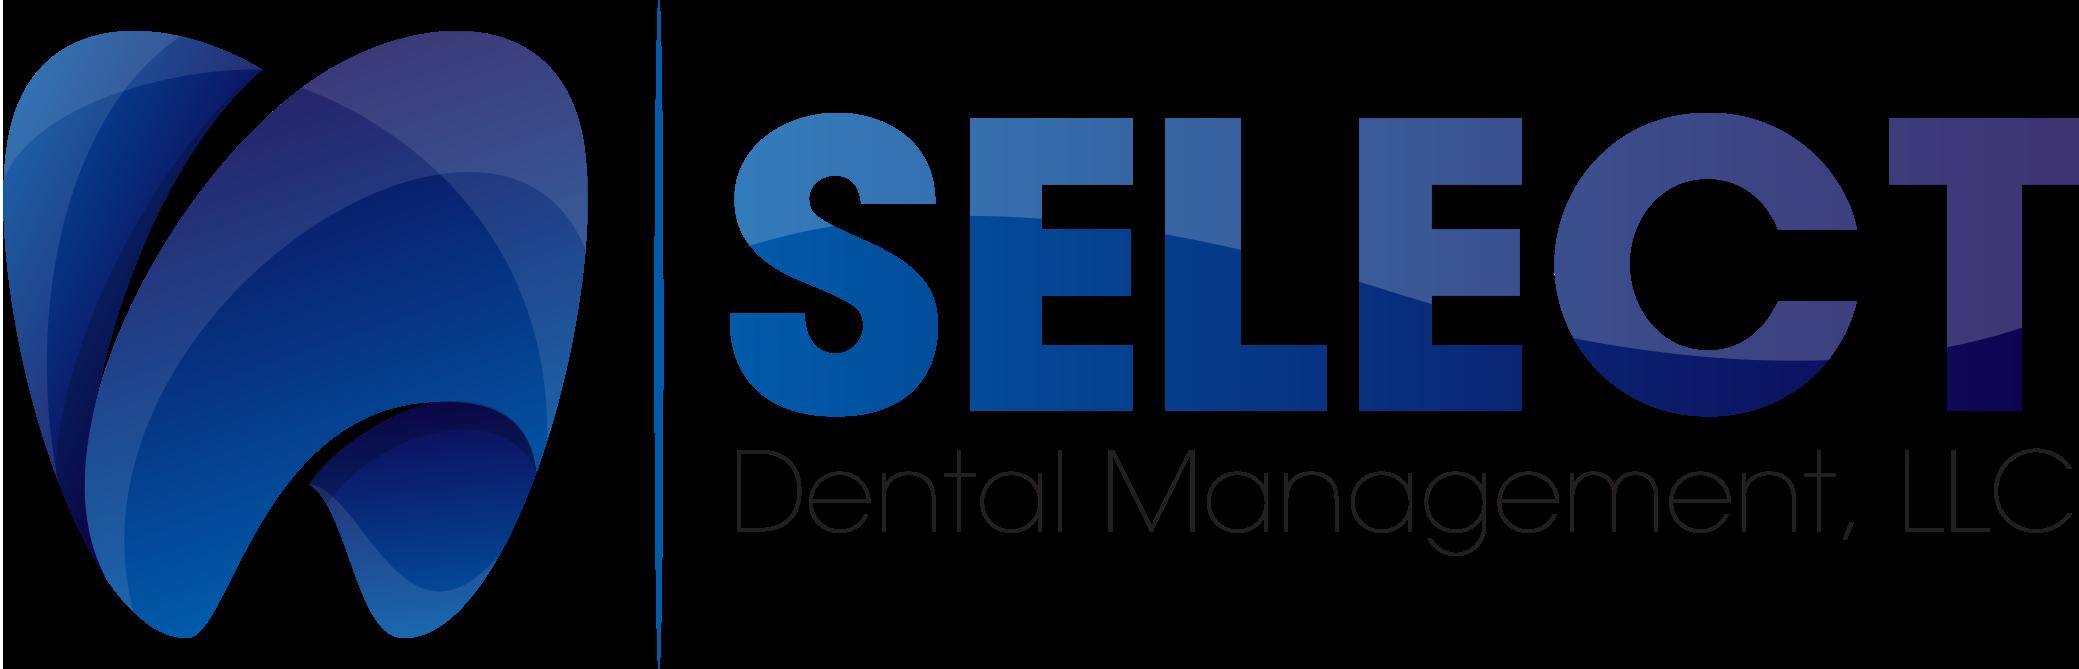 Select Dental Management